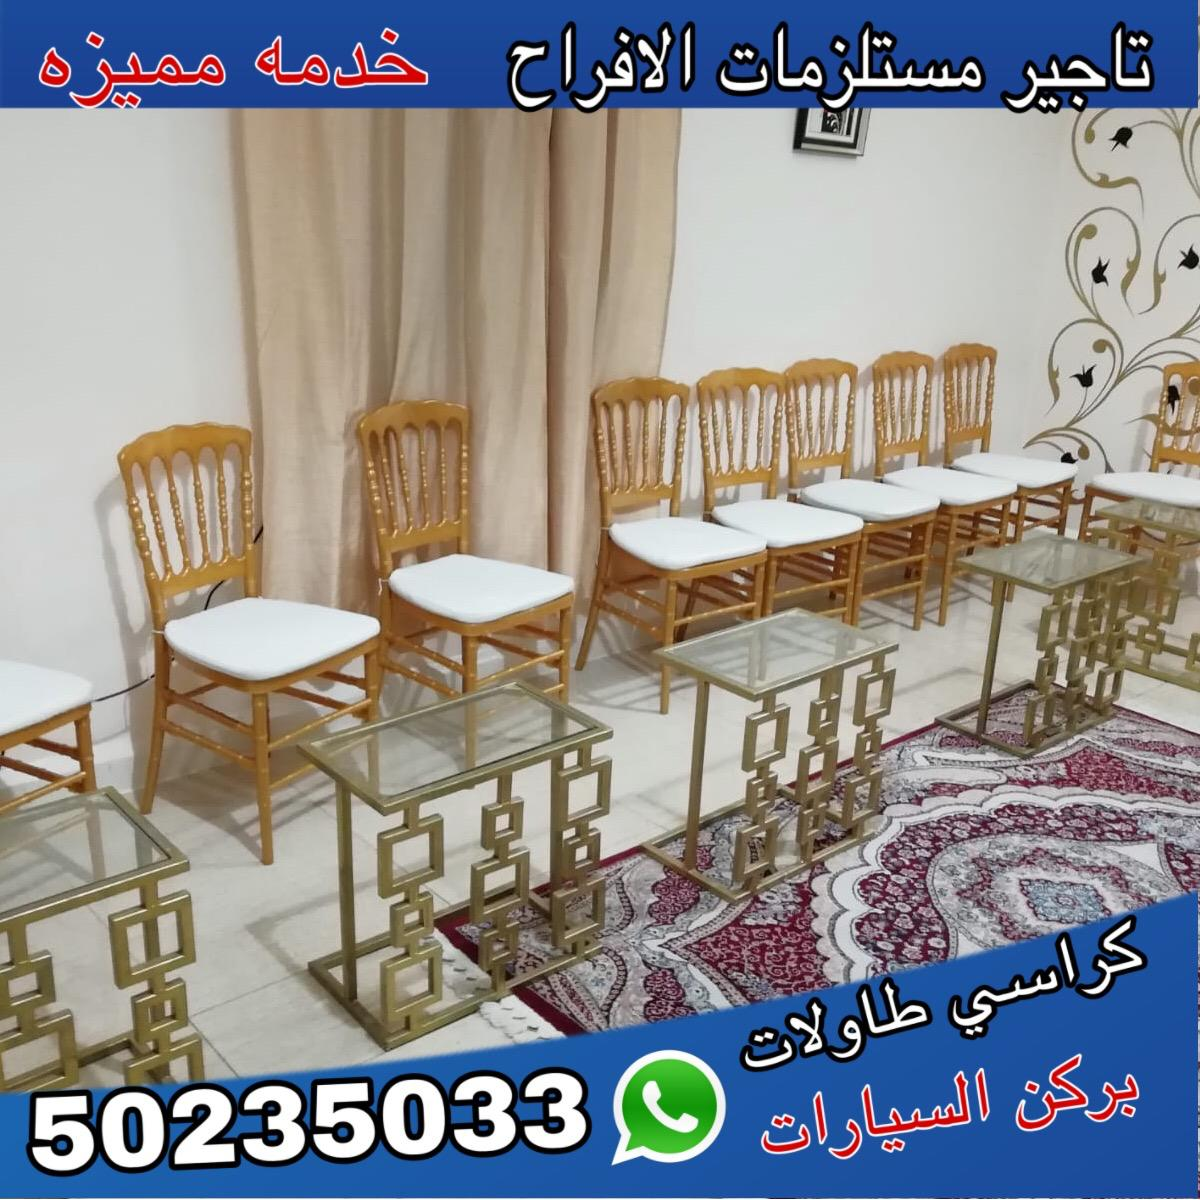 شركة تأجير كراسي حفلات الكويت | 50235033 | الفخامة الكويتية